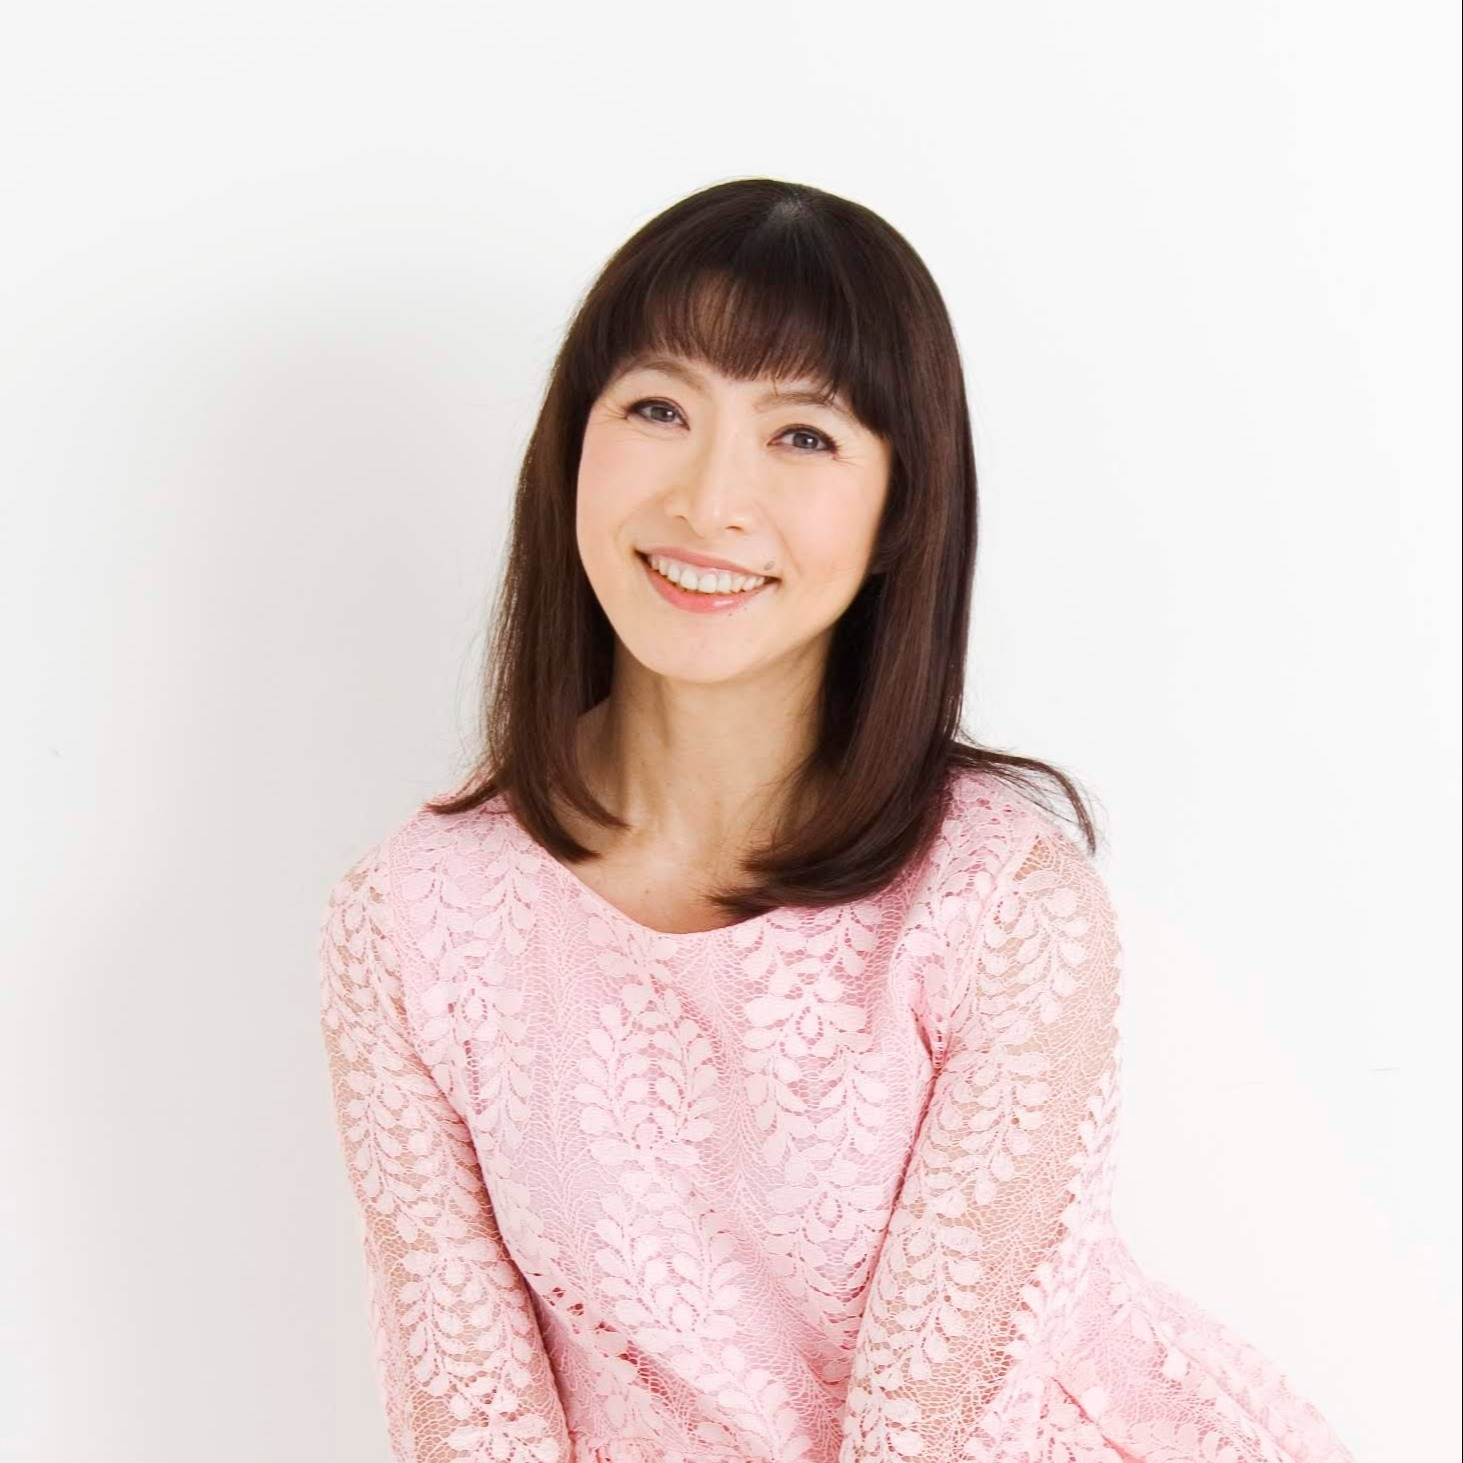 @hirozidashi Profile Image | Linktree